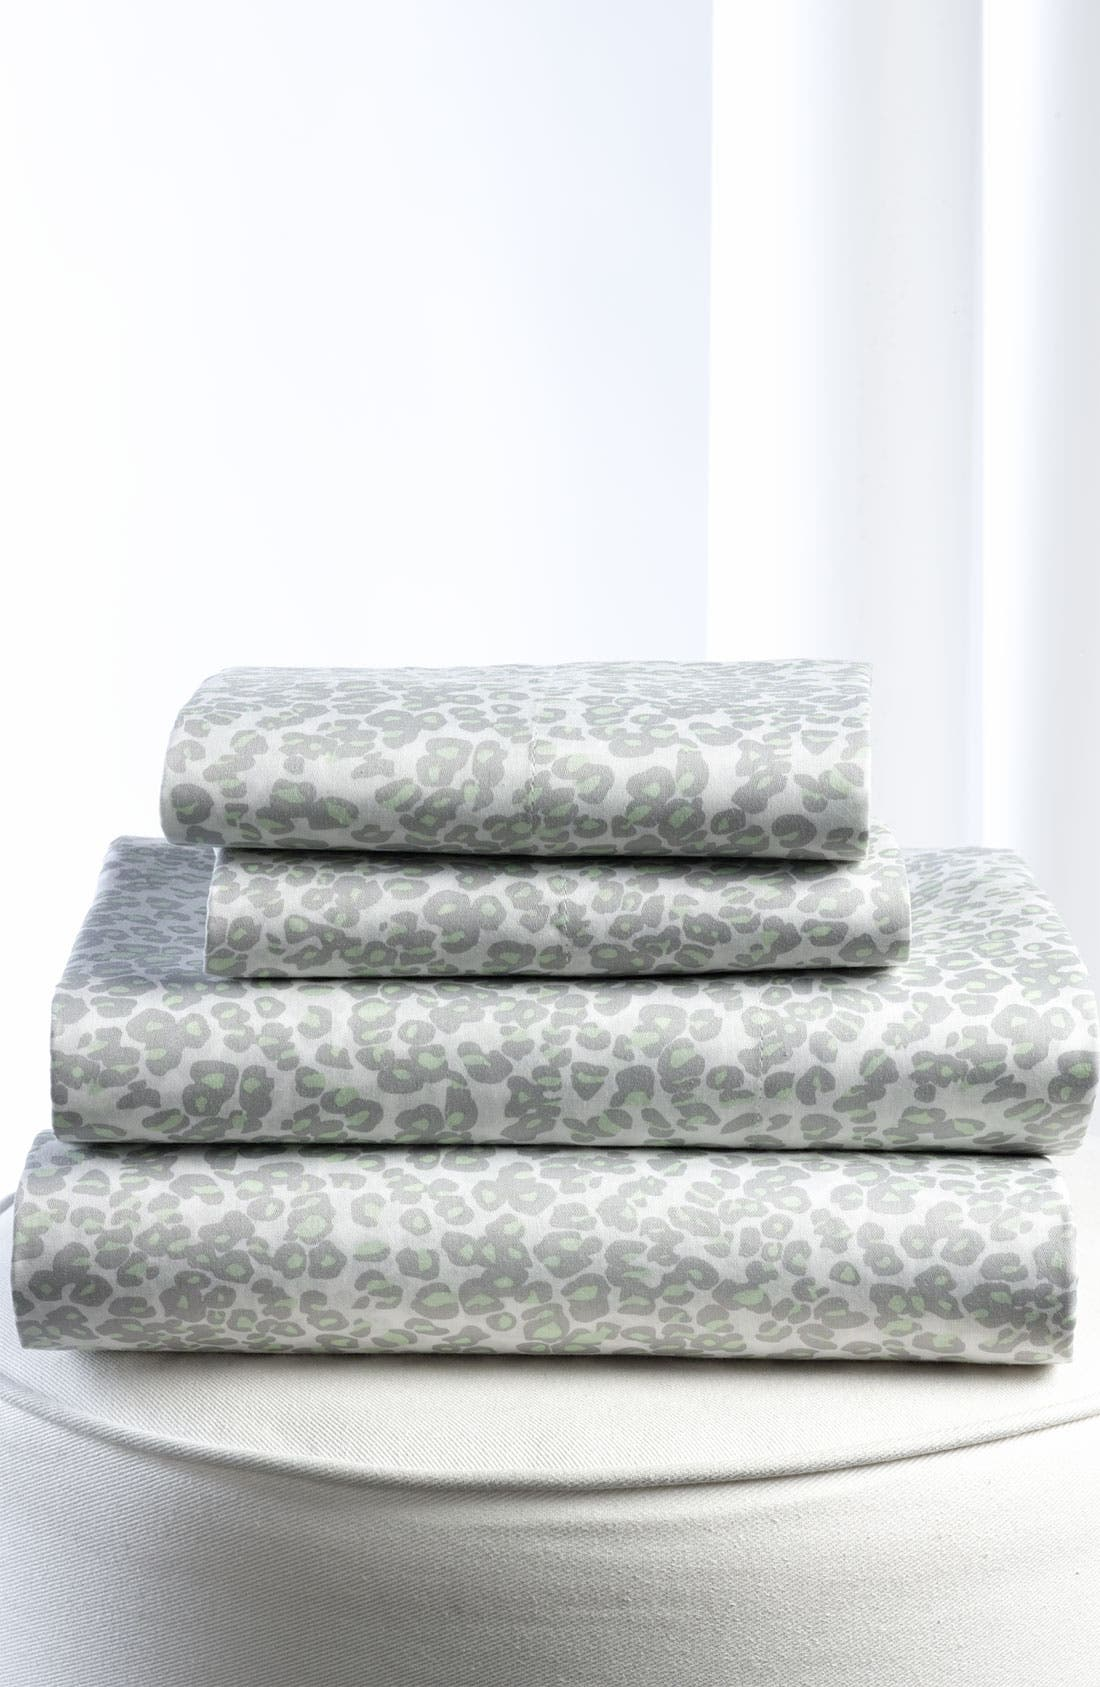 Main Image - Diane von Furstenberg 'Tiny Leopard' 300 Thread Count Flat Sheet